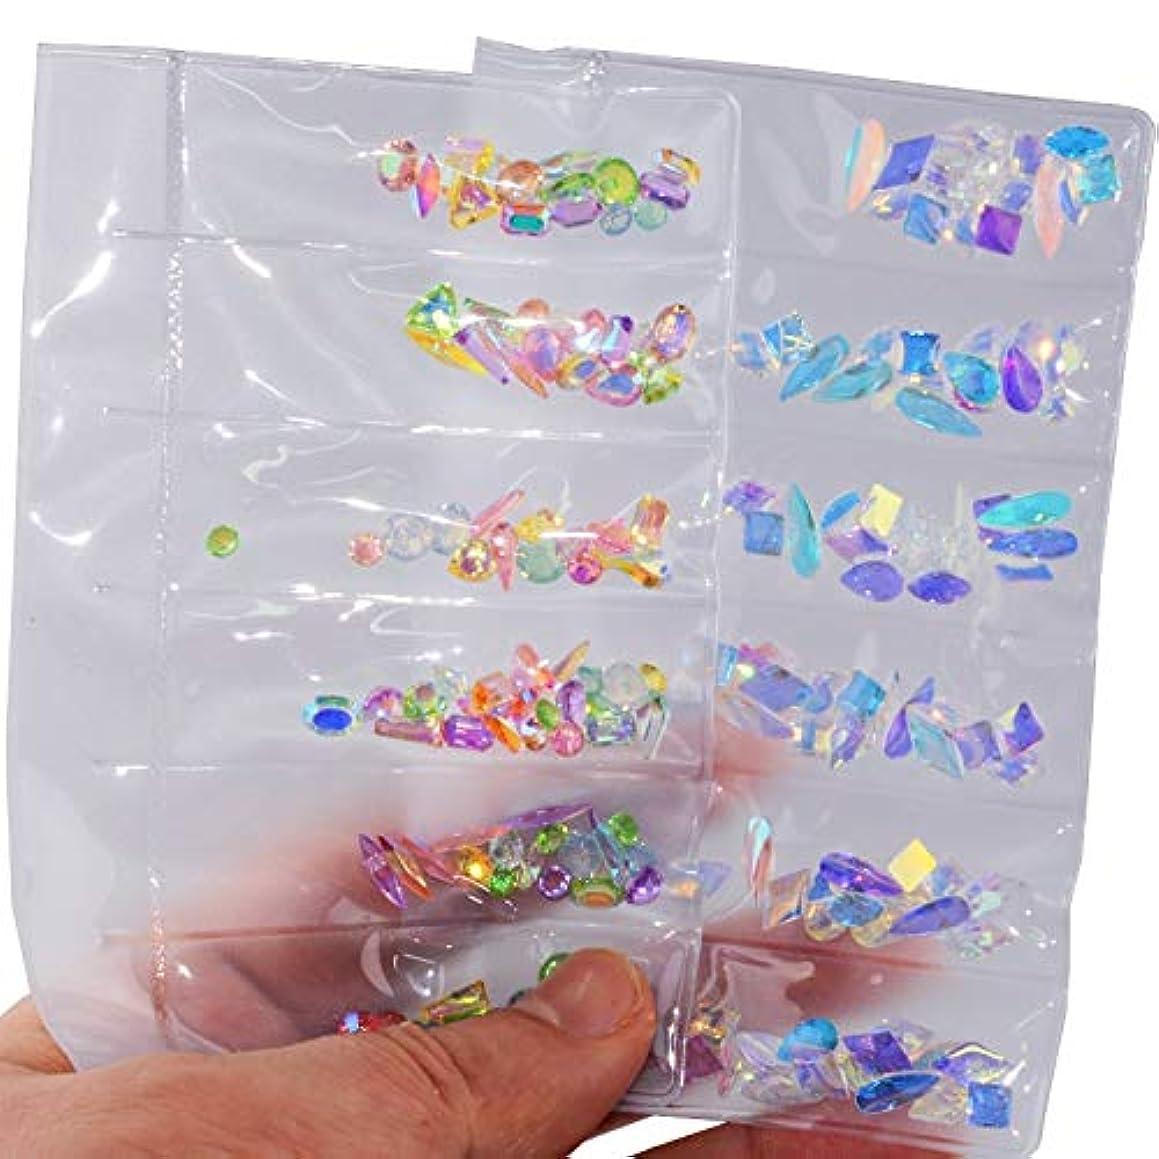 スリッパ近代化する非公式2パックセットネイルアートラインストーンネイルアートデコレーションフラットバックガラスダイヤモンドティアドロップ馬の目の水晶石